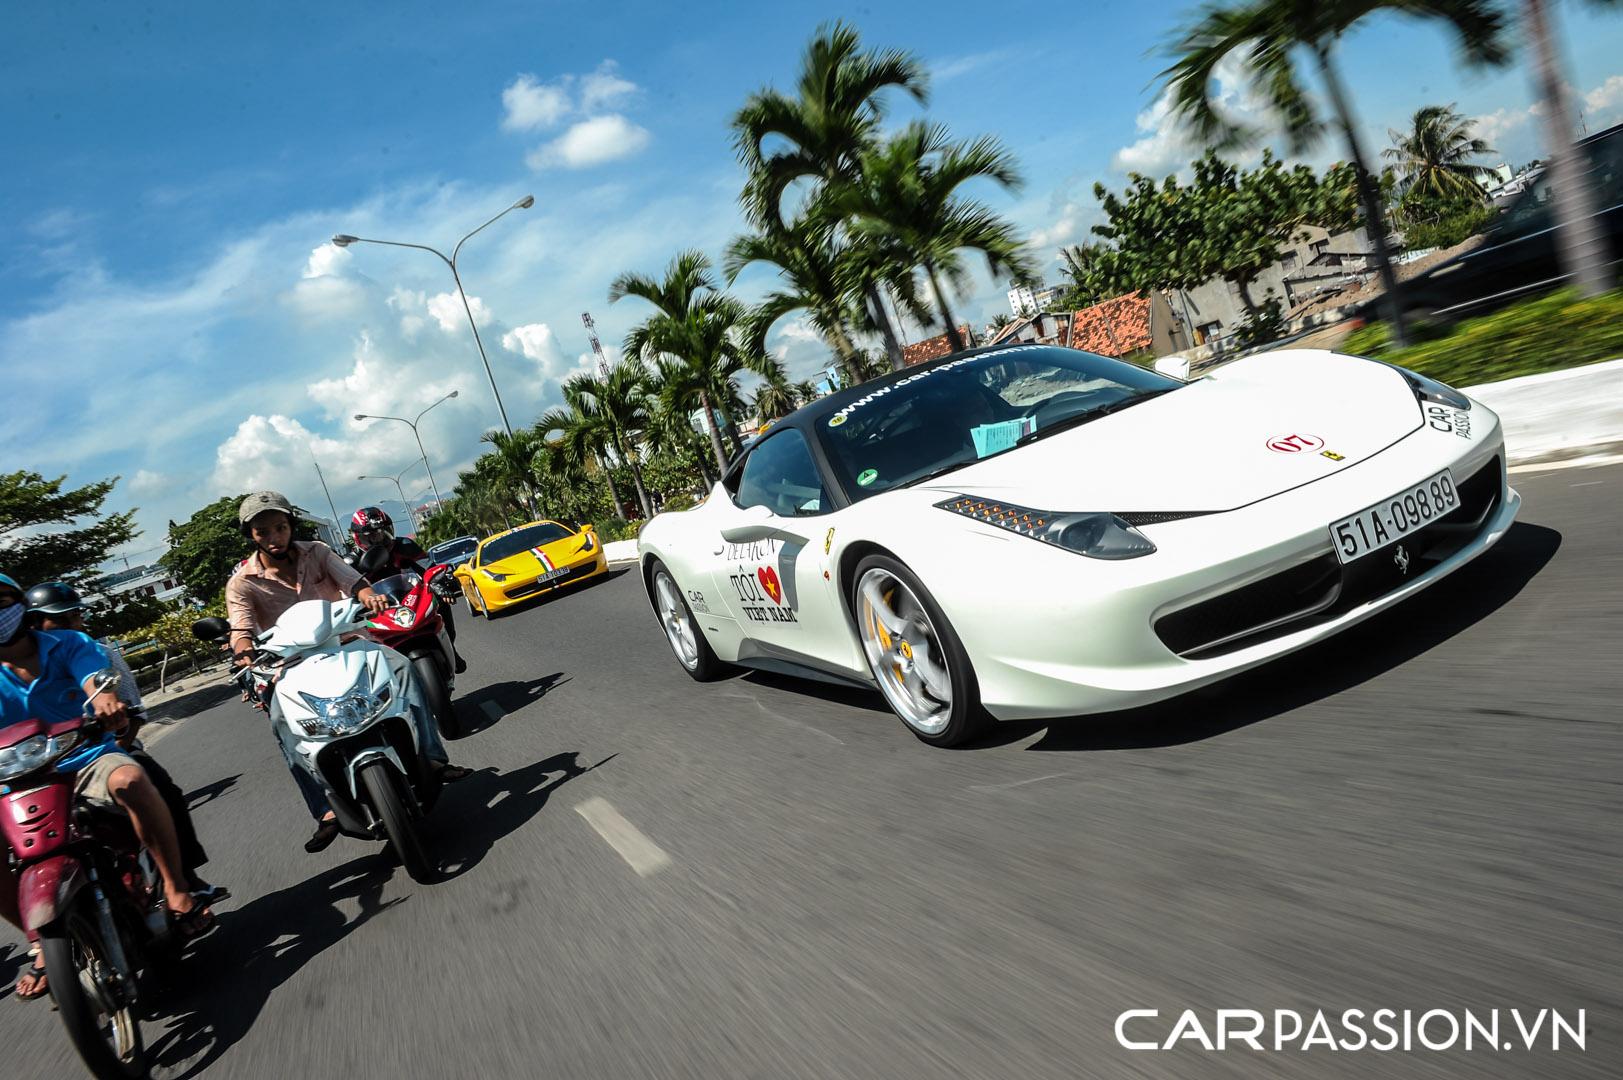 CP-Hành trình siêu xe CarPassion 2011 Day 3 (66).jpg